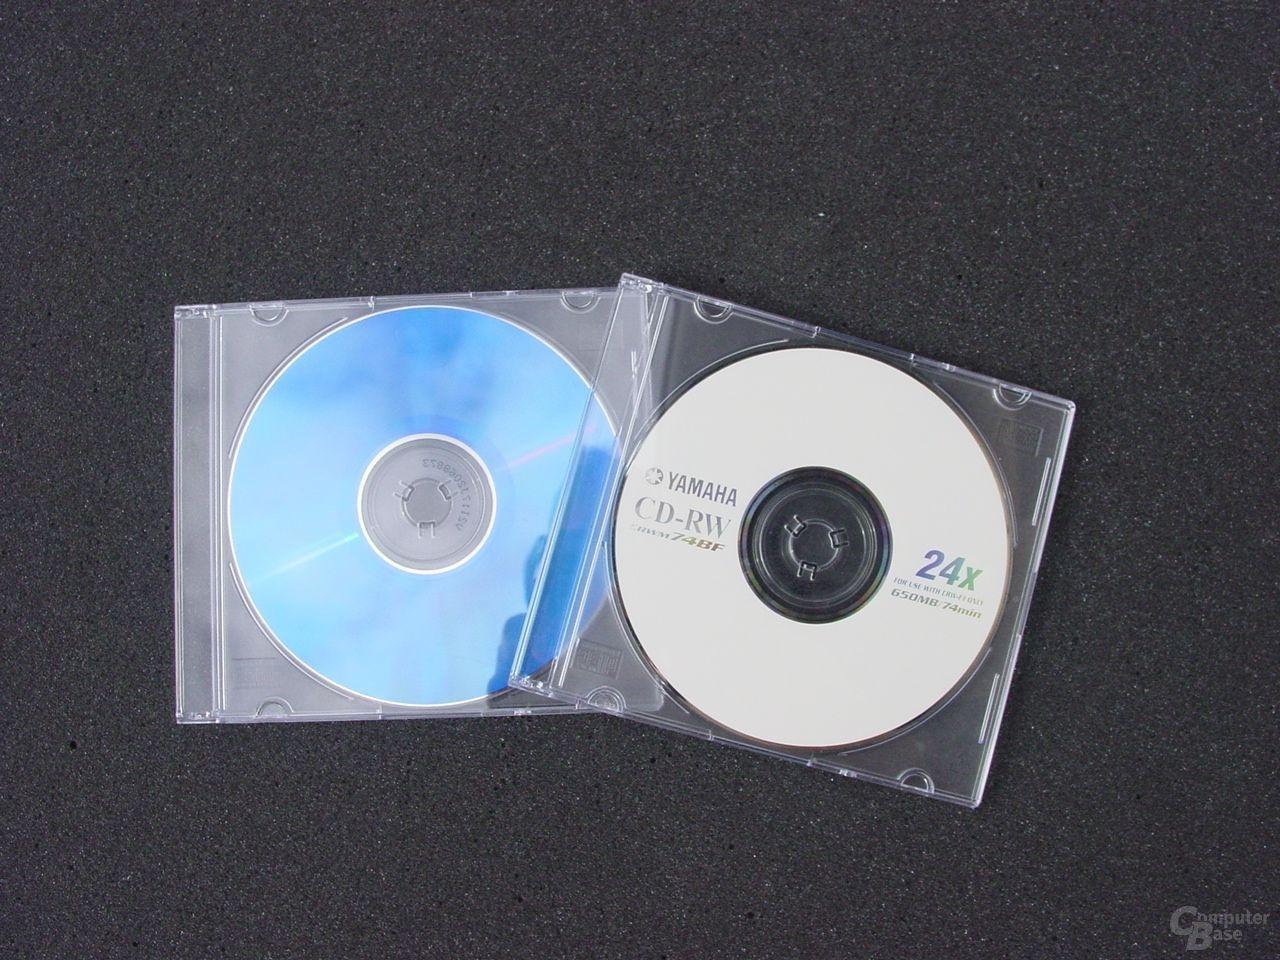 Mitgelieferte Rohlinge - CD-R mit dunkler Unterseite